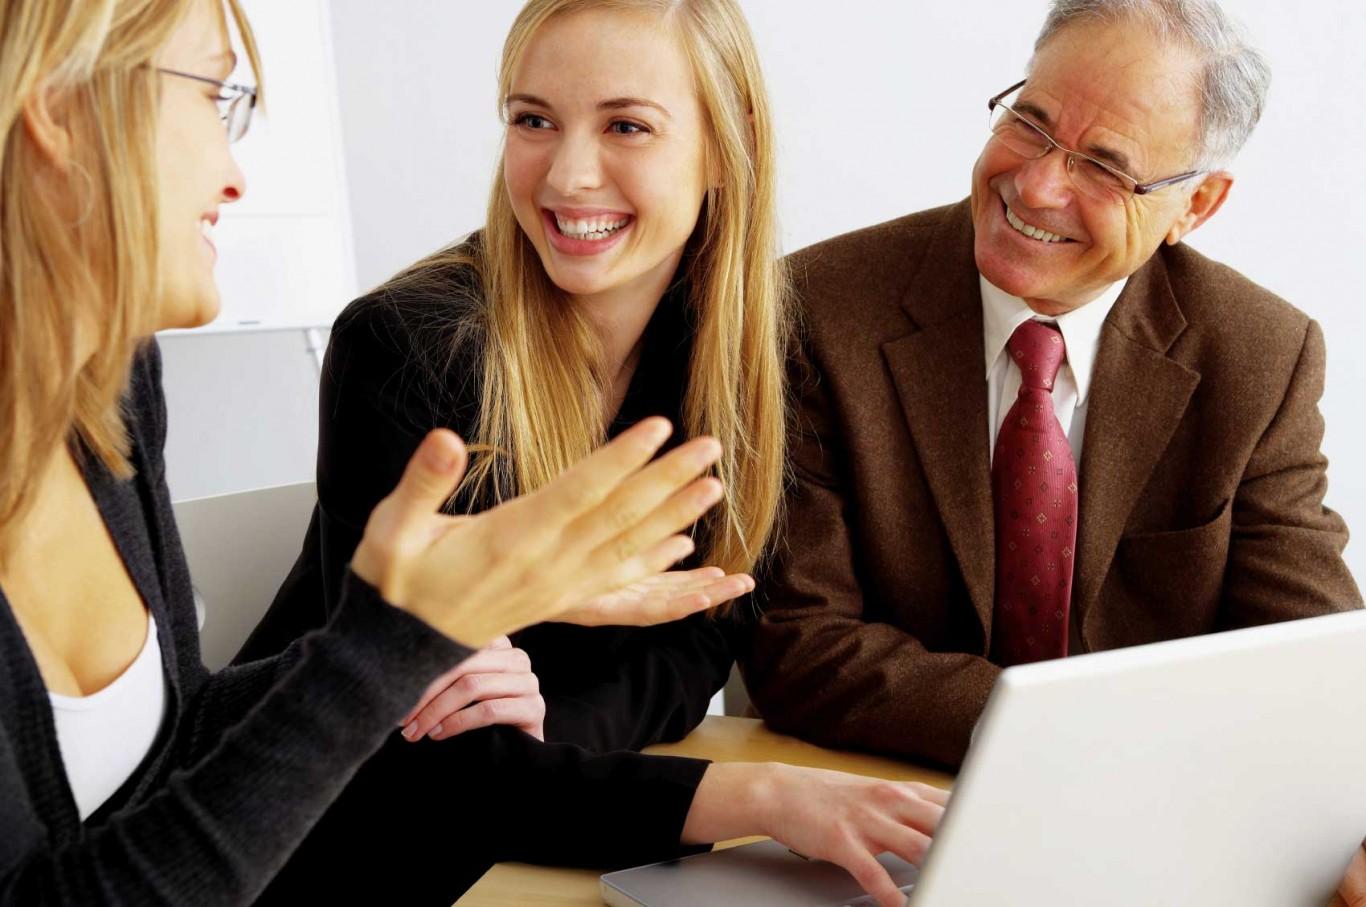 Những mẹo nhỏ giúp bạn tự tin hơn trong giao tiếp